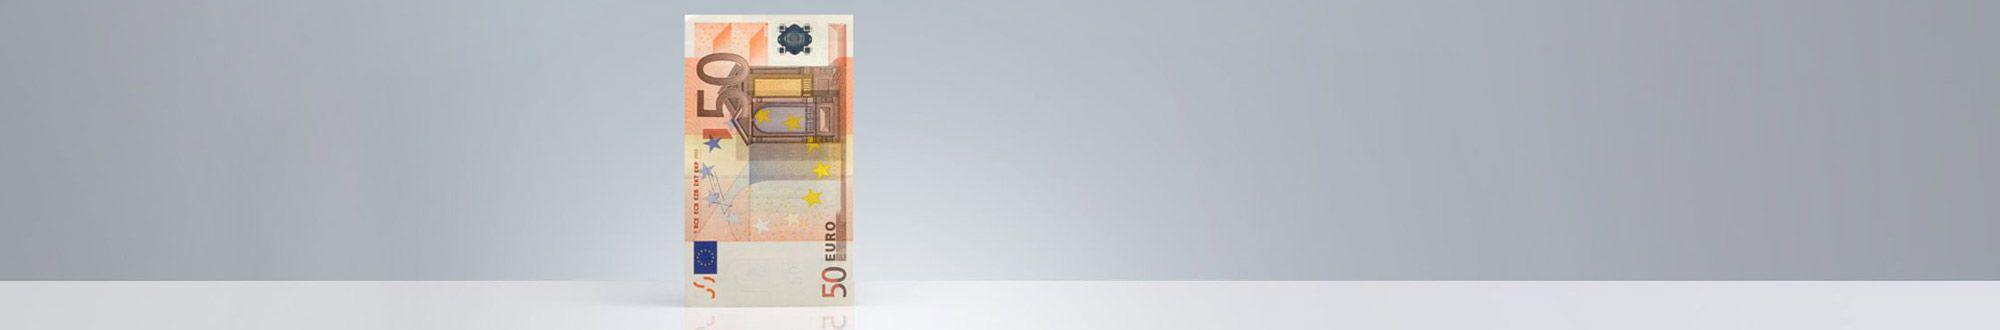 Euroschein auf grauem Grund